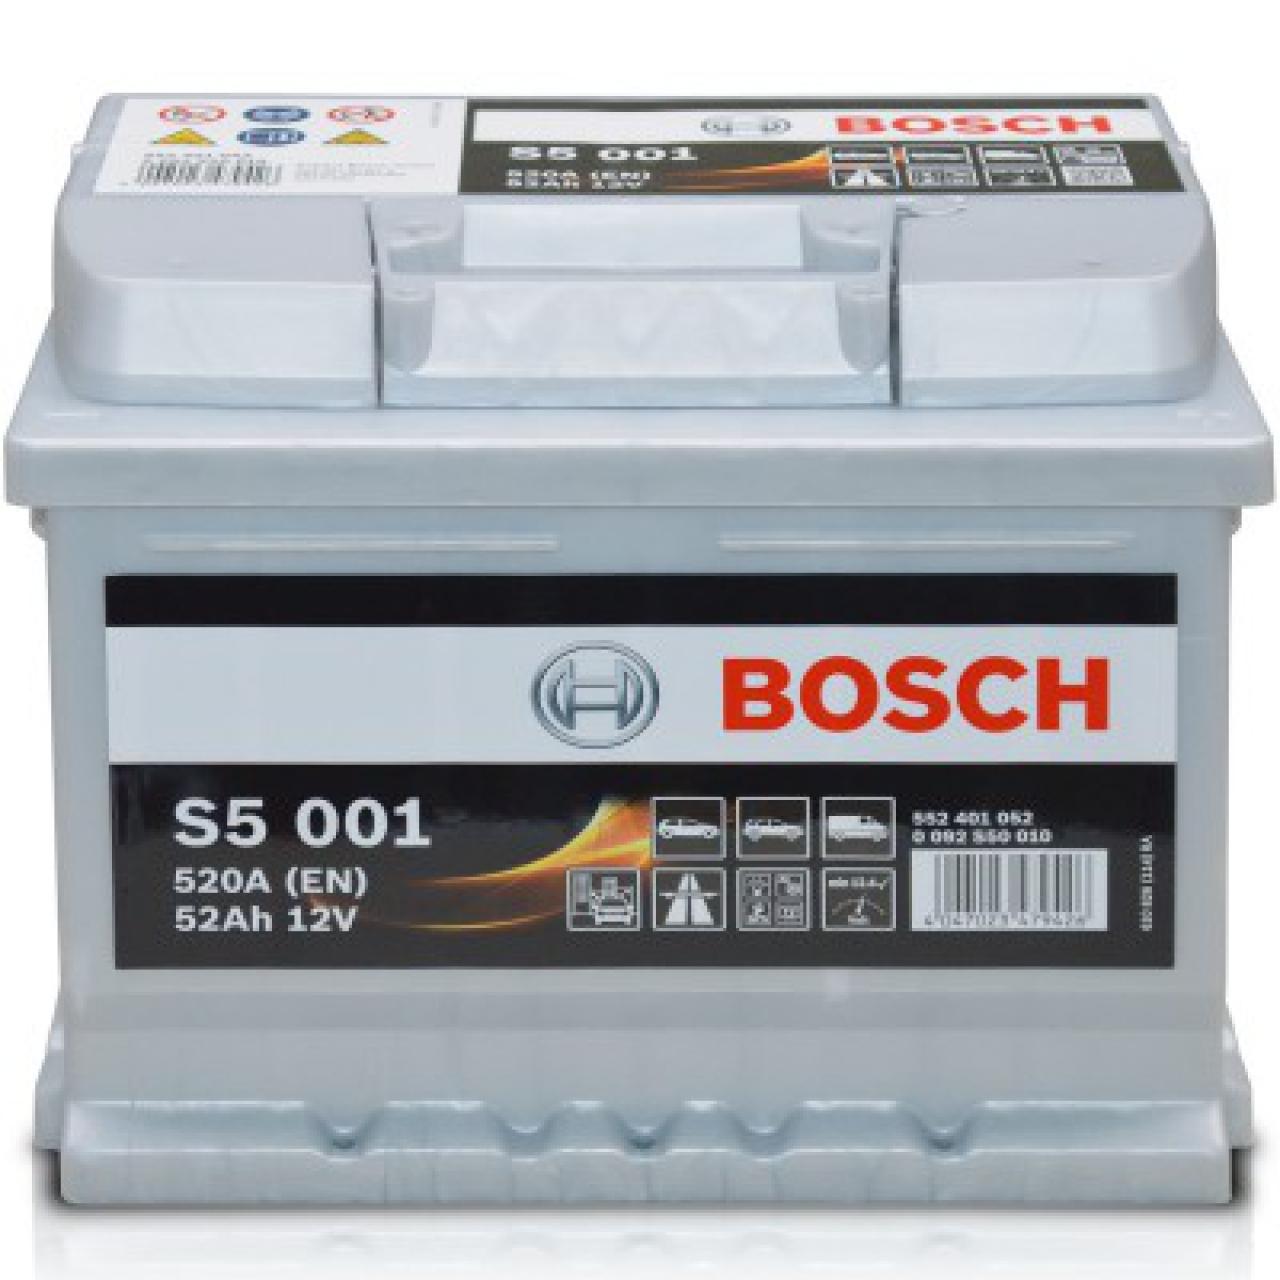 Bosch S5 001